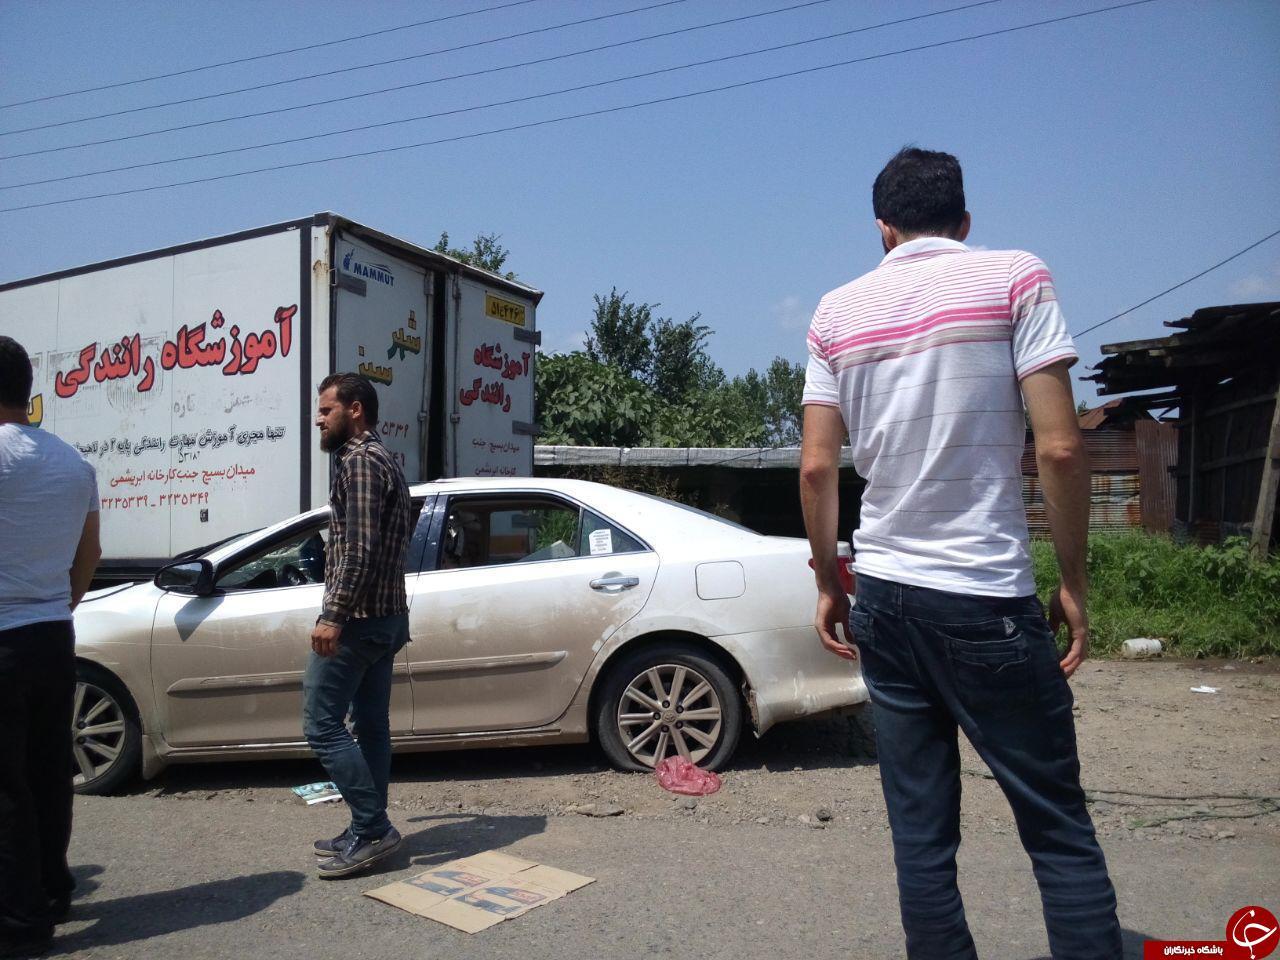 تصادف زنجیرهای باعث ایجاد ترافیک در جاده لنگرد به لاهیجان شد + فیلم